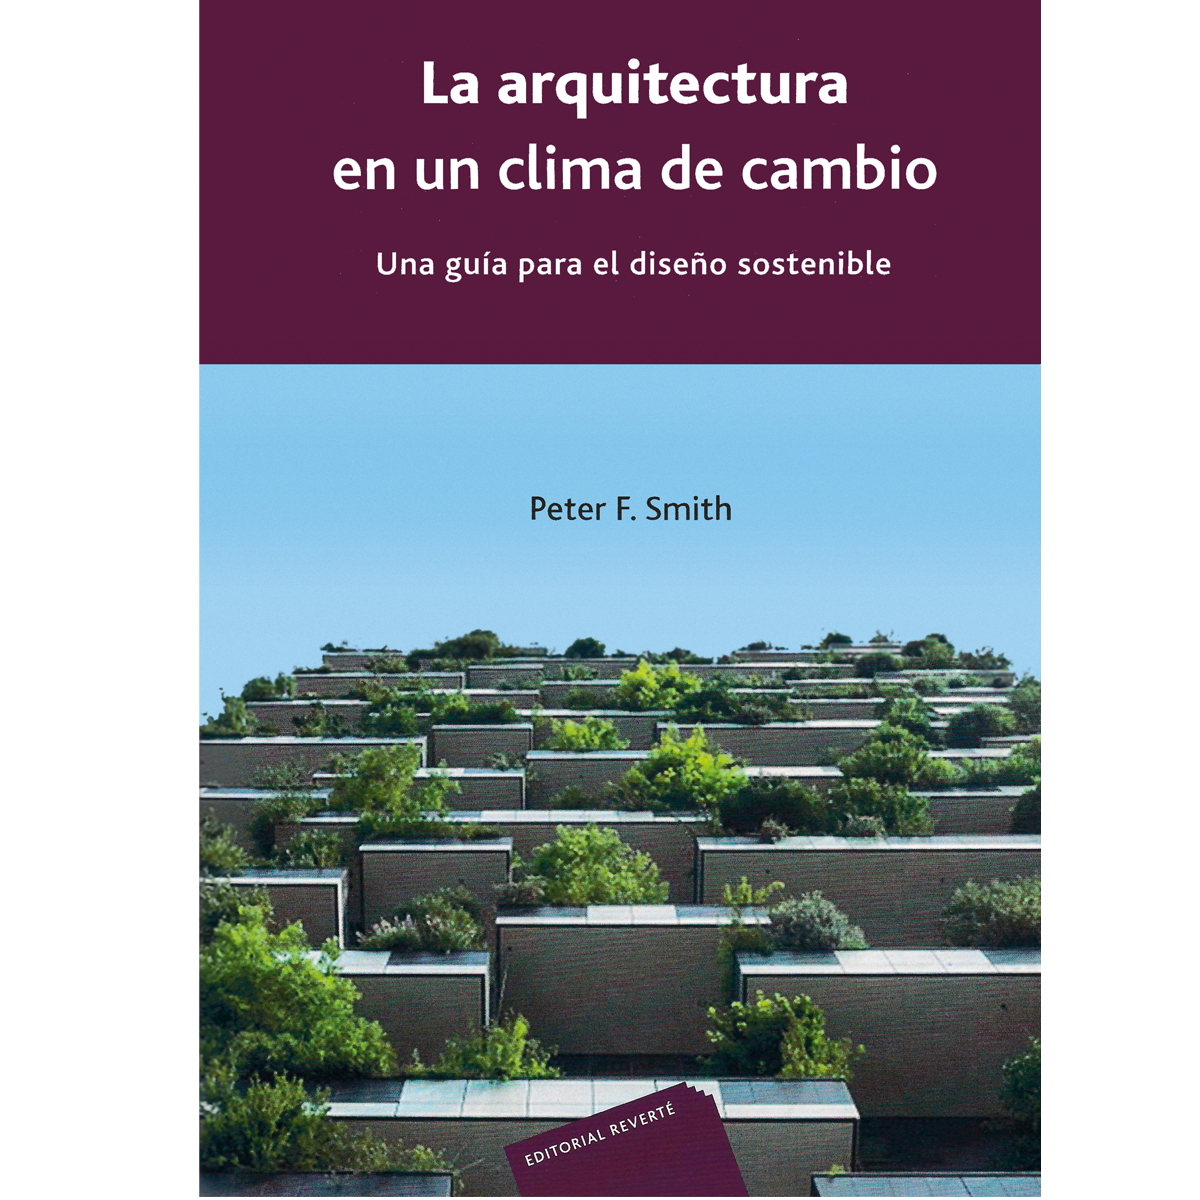 La arquitectura en un clima de cambio